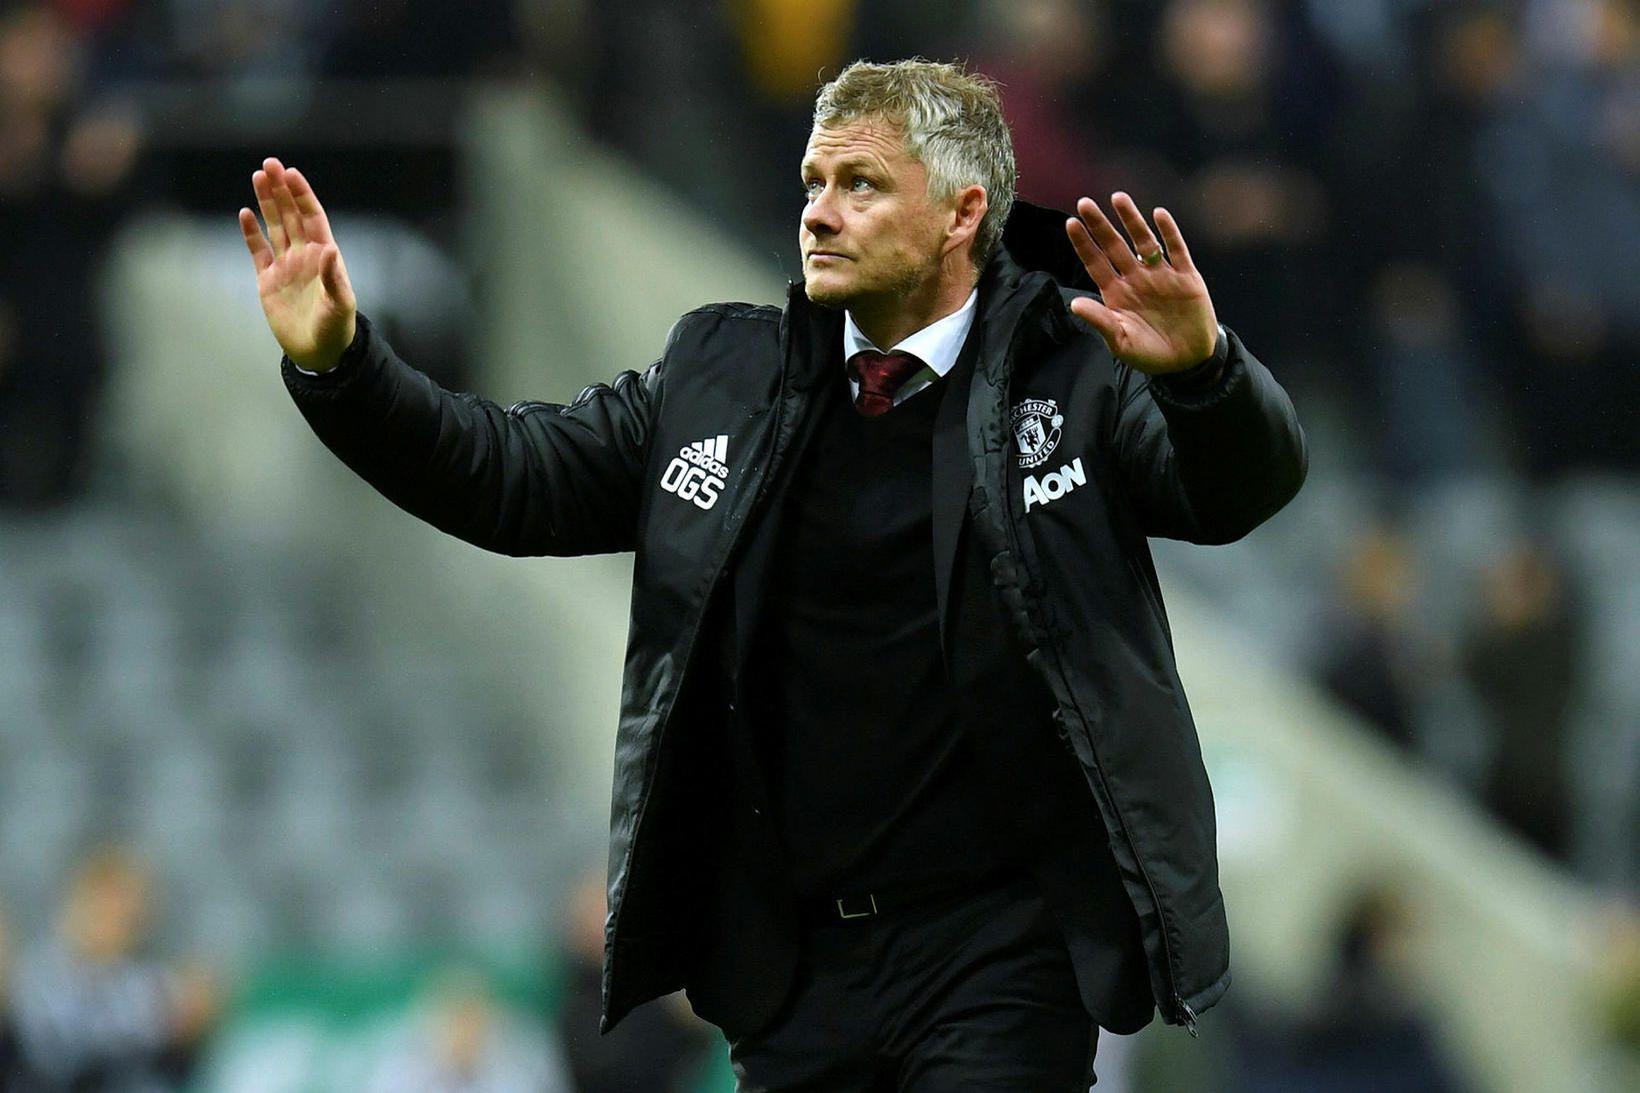 Ole Gunnar Solskjær er á síðasta séns hjá Manchester United …